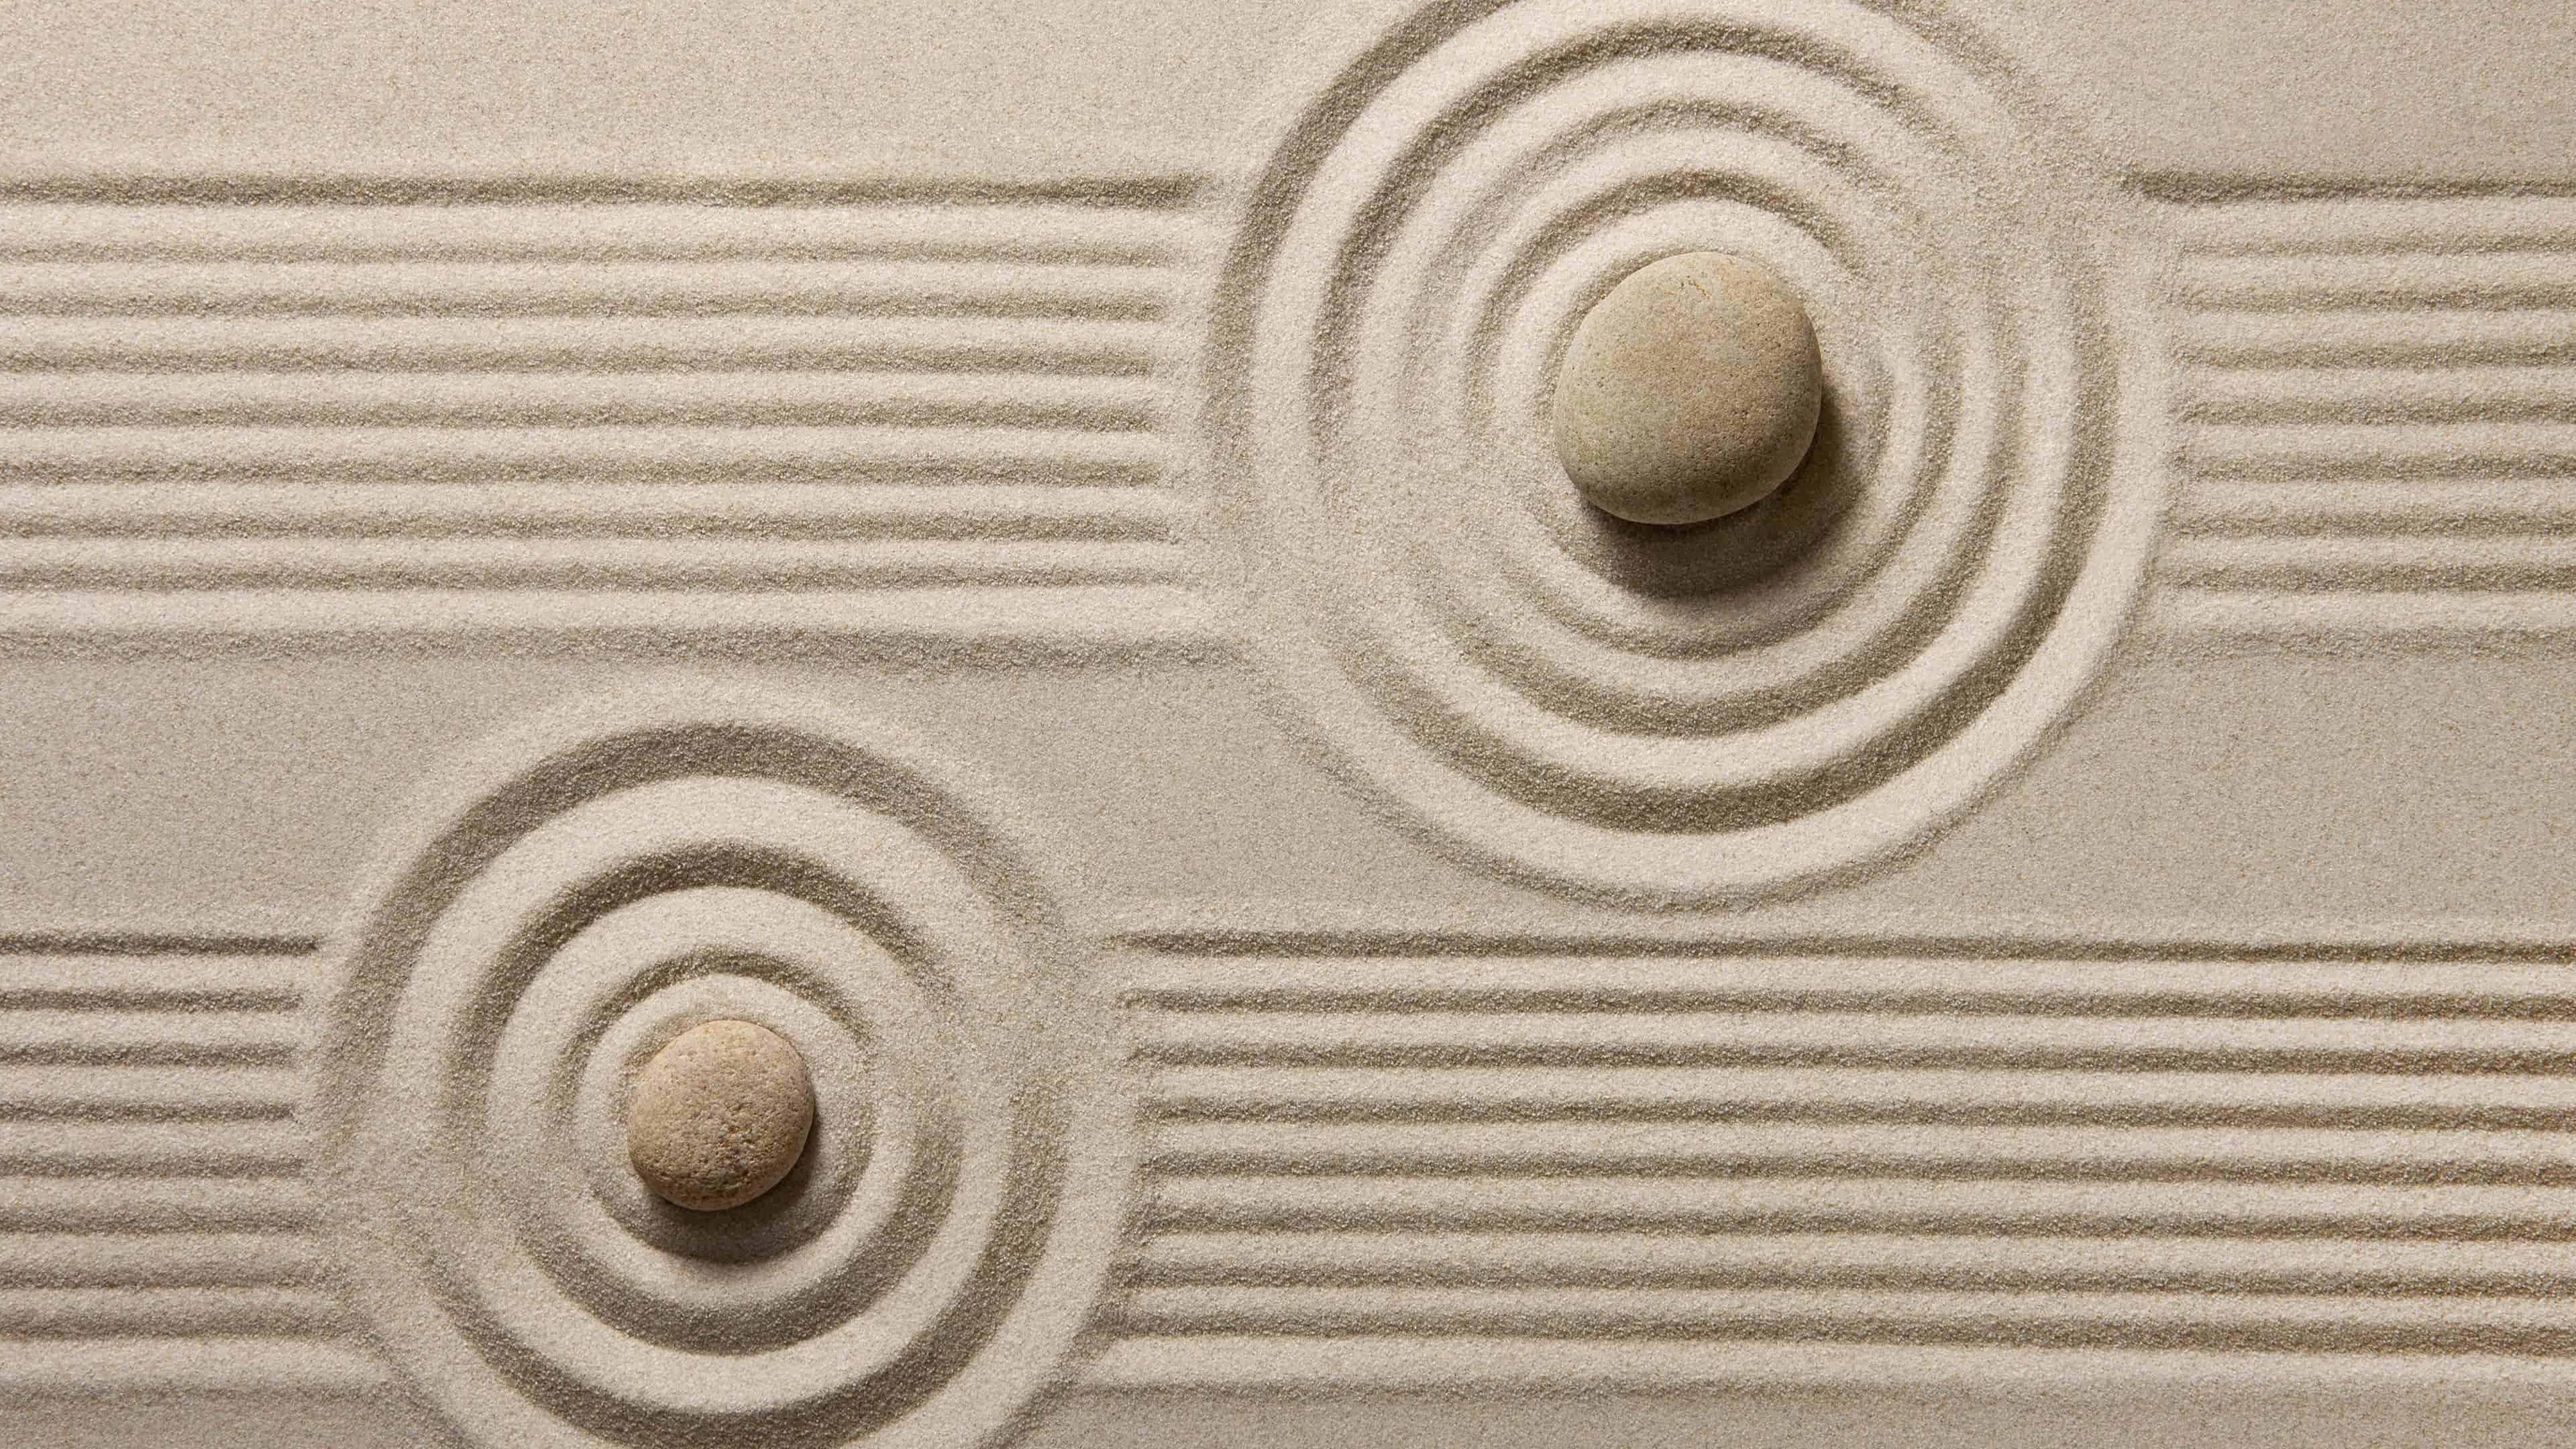 Cars Photos Hd Wallpaper Zen Sand Japanese Rock Garden Uhd 4k Wallpaper Pixelz